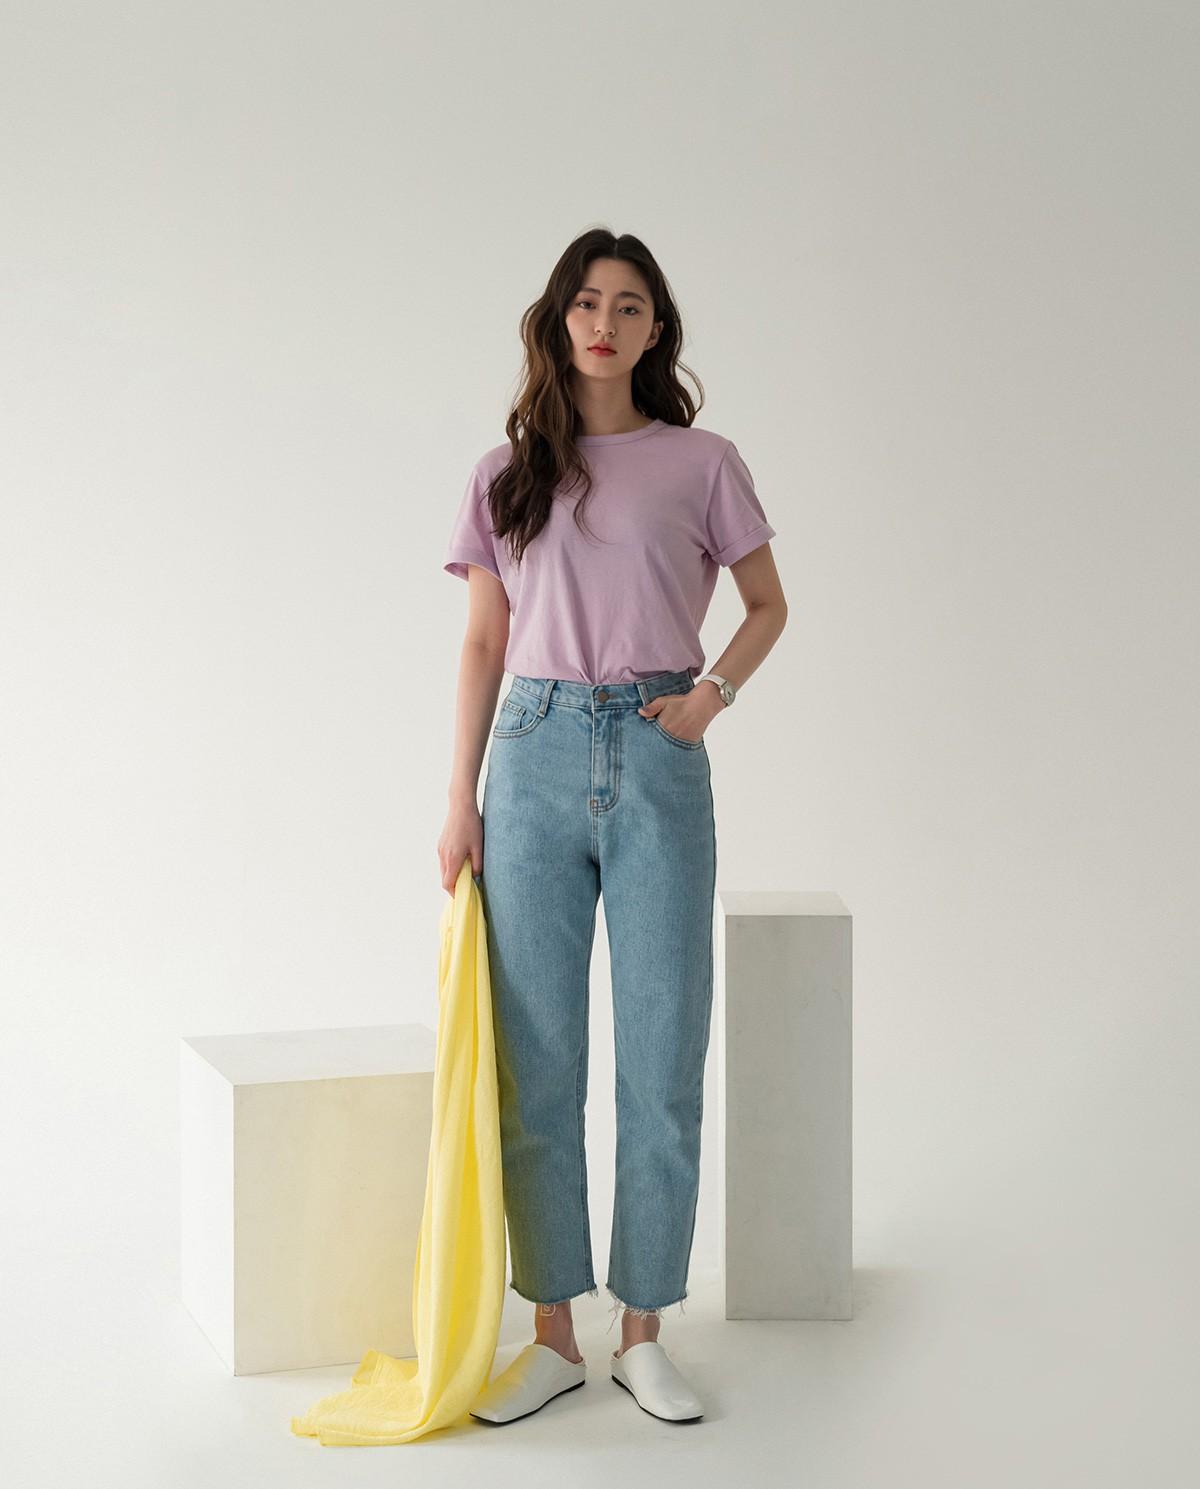 Bảo chứng cho vẻ sành điệu là combo áo phông – quần jeans với 15 ý tưởng diện mãi không biết chán này  - Ảnh 15.